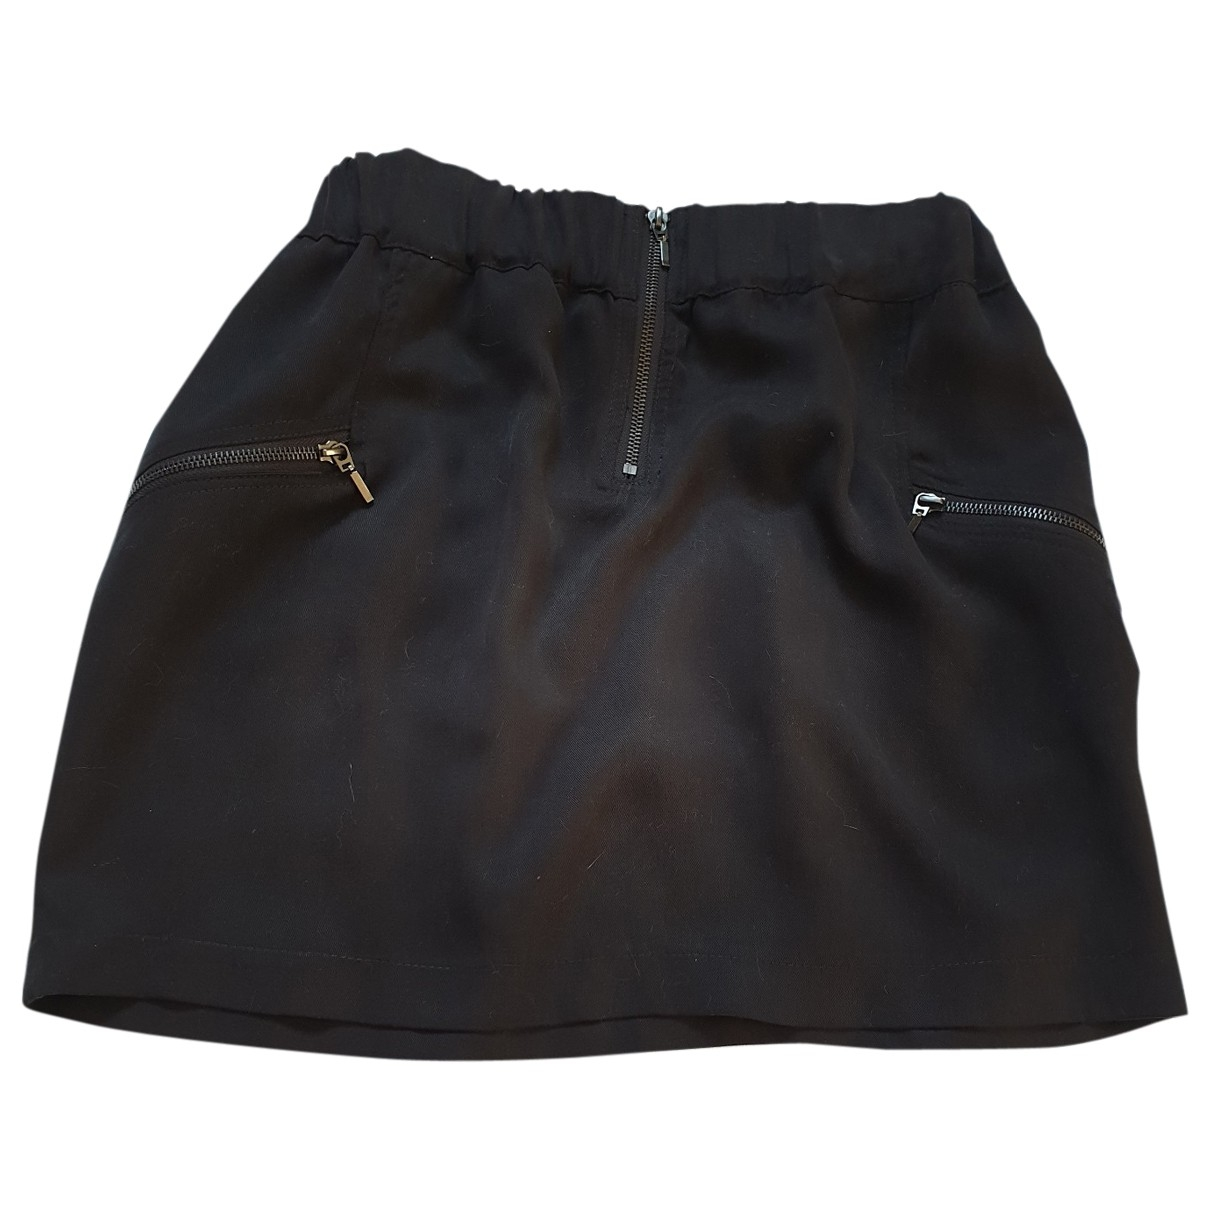 Sandro \N Black Cotton skirt for Women 38 FR